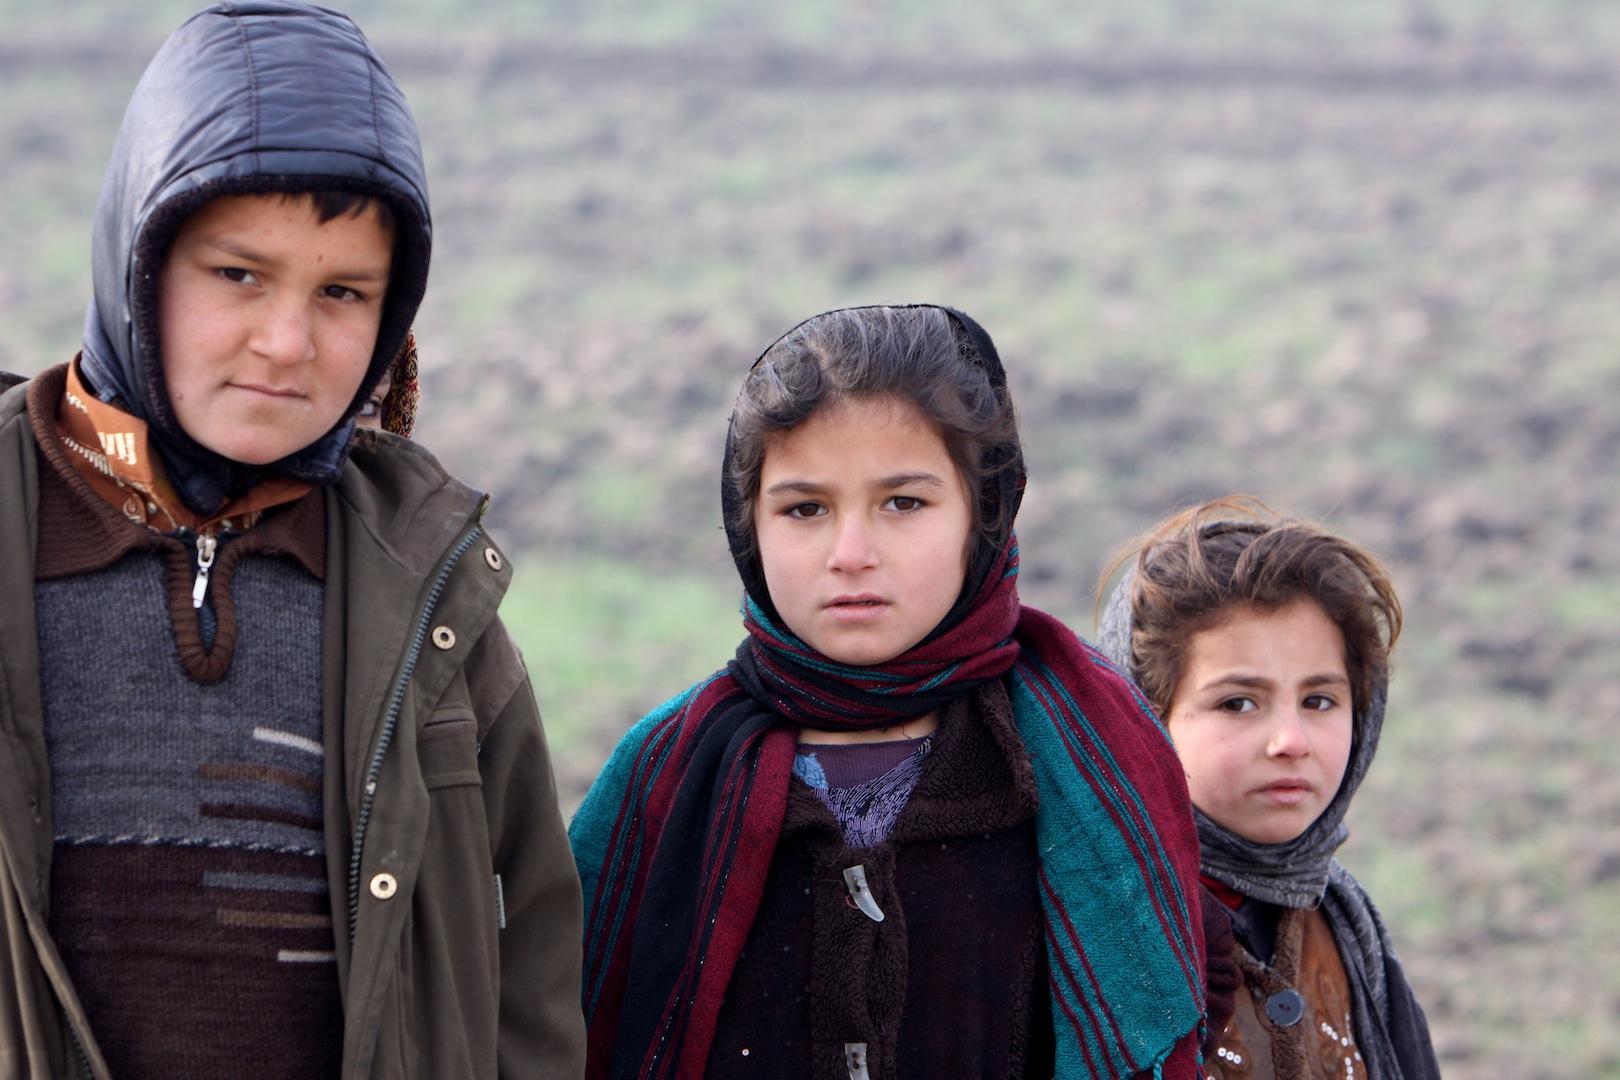 War childs